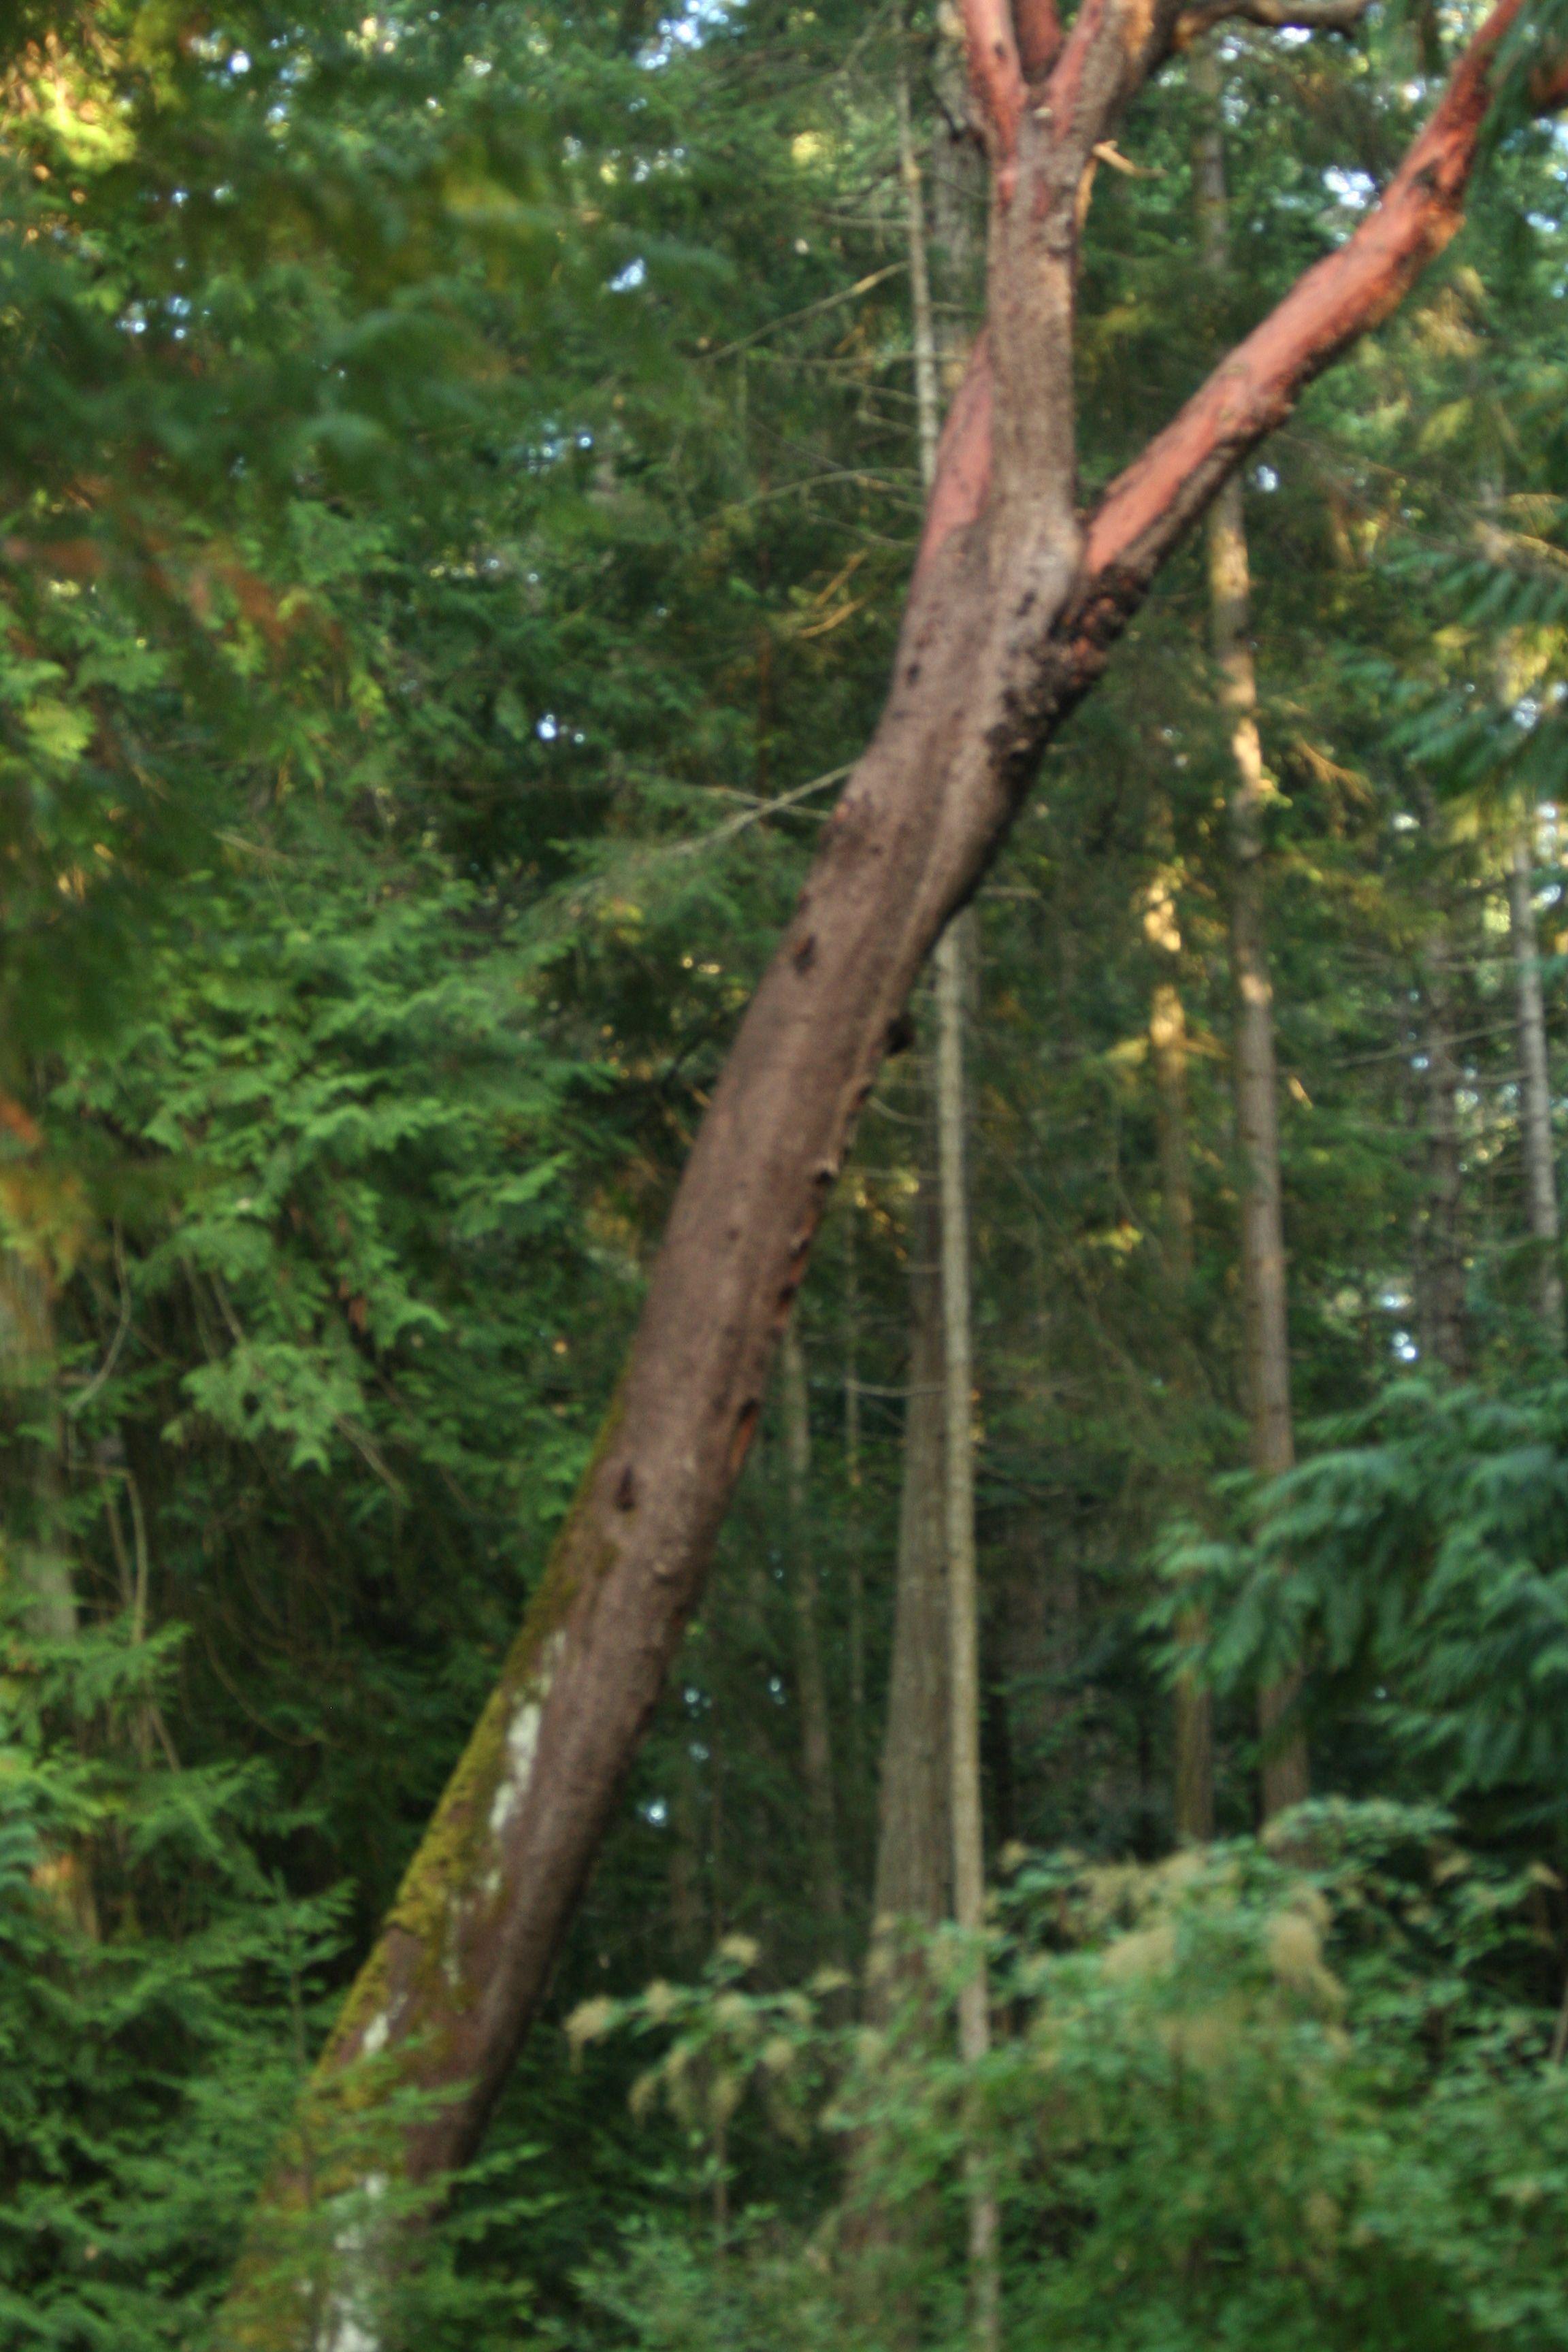 Arbutus Tree, Vancouver Island